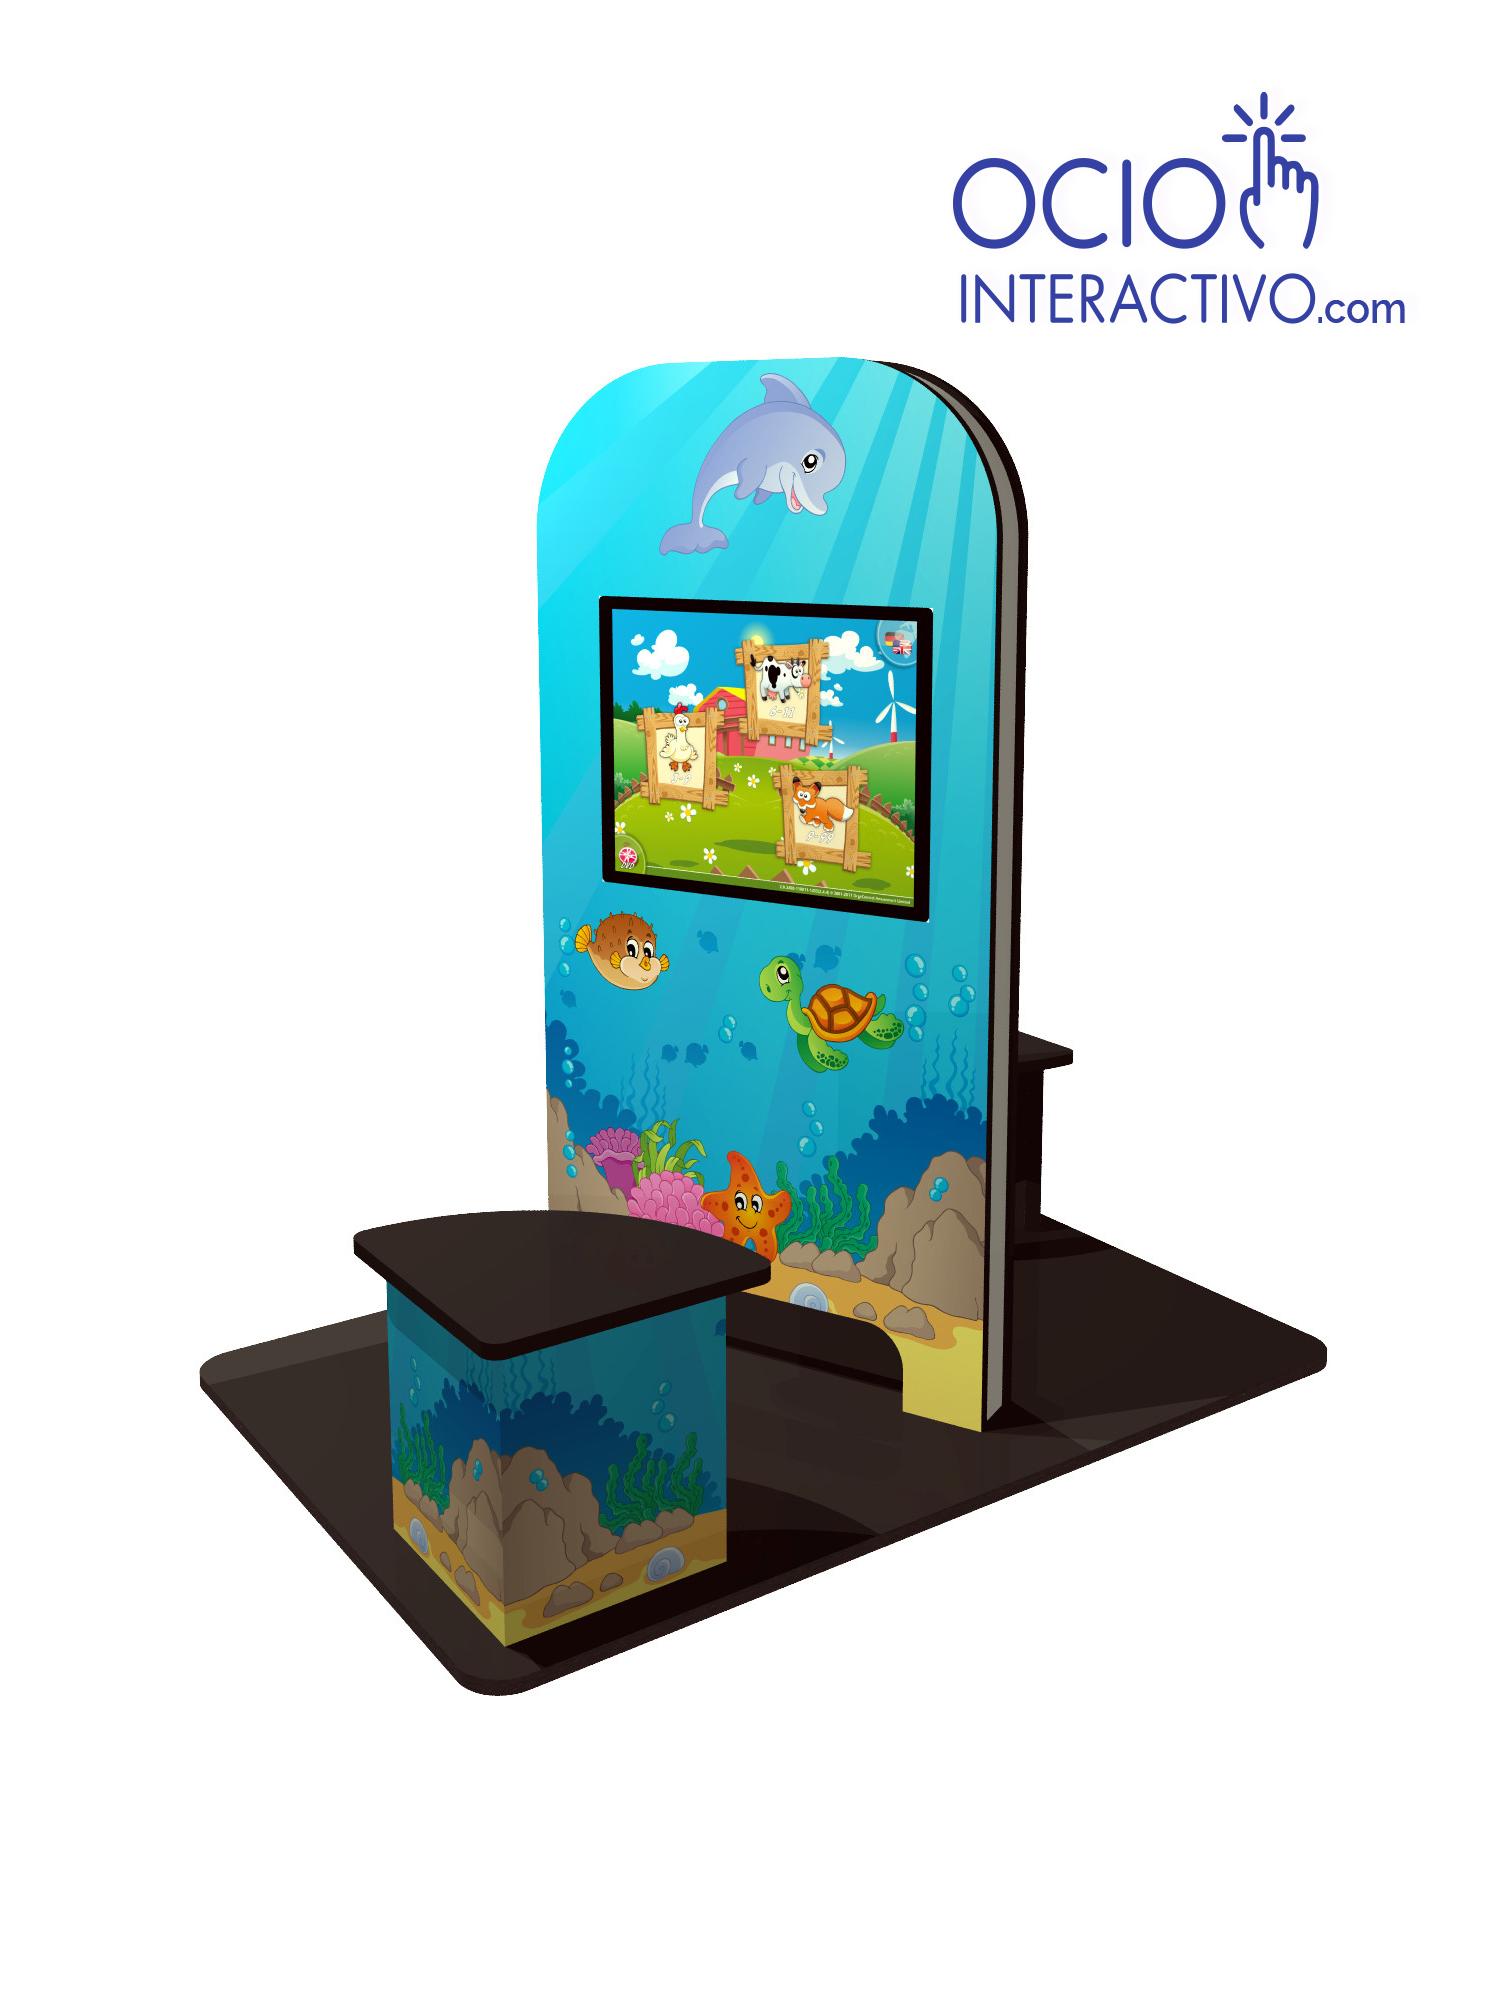 https://parquedebolas.com/images/productos/peq/kids%20corner%20oceano%20asiento%20doble.jpg